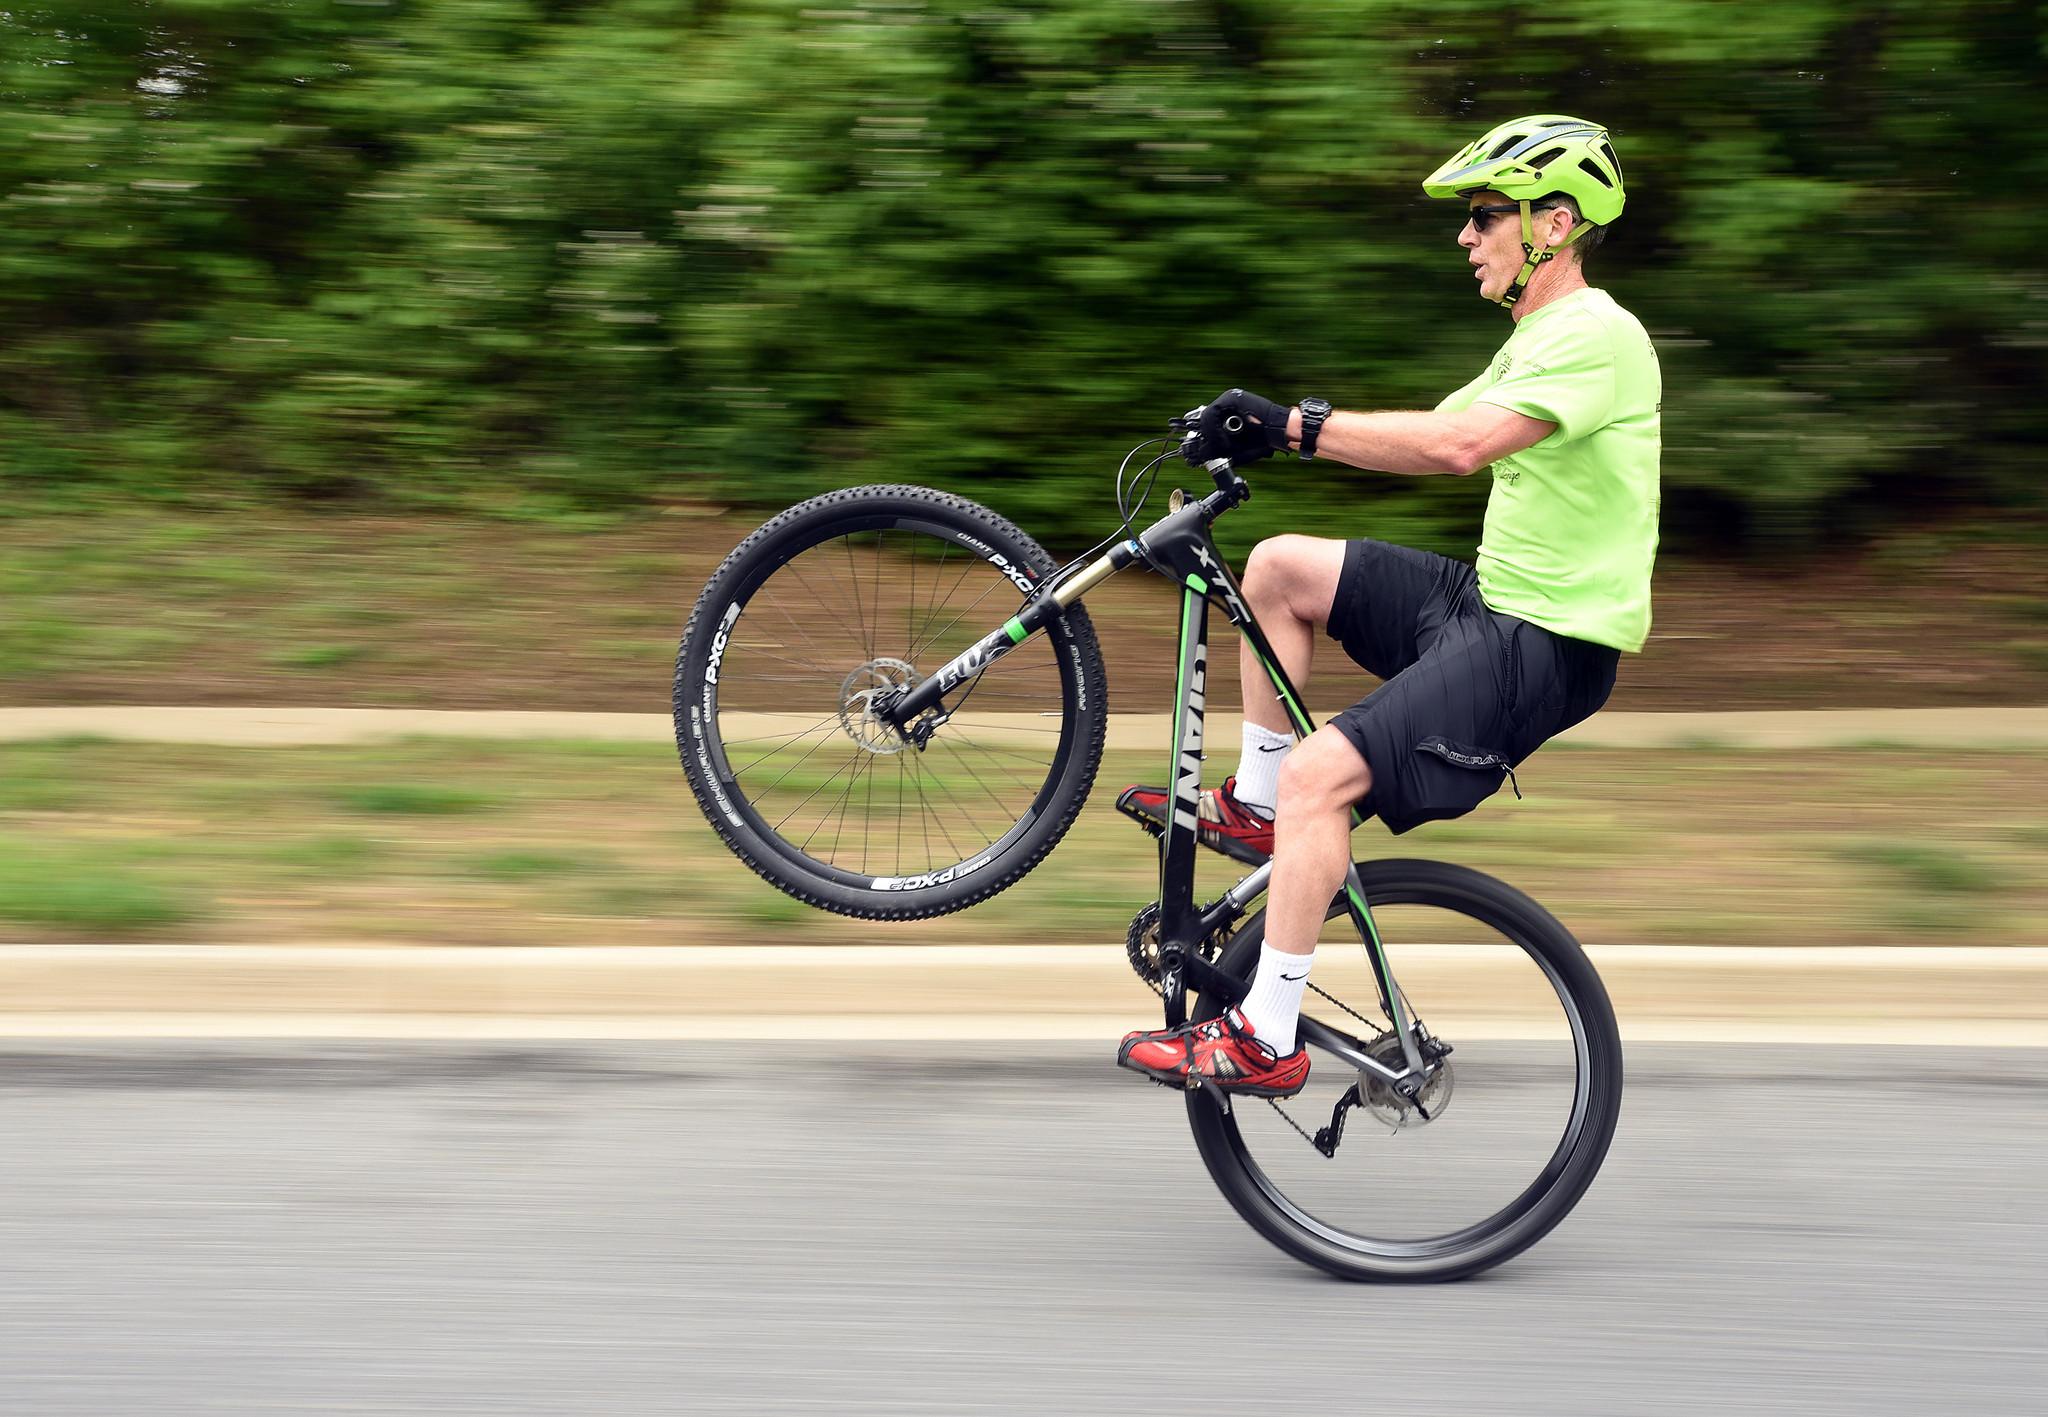 Crofton Man Demonstrates Bike Wheelies Capital Gazette